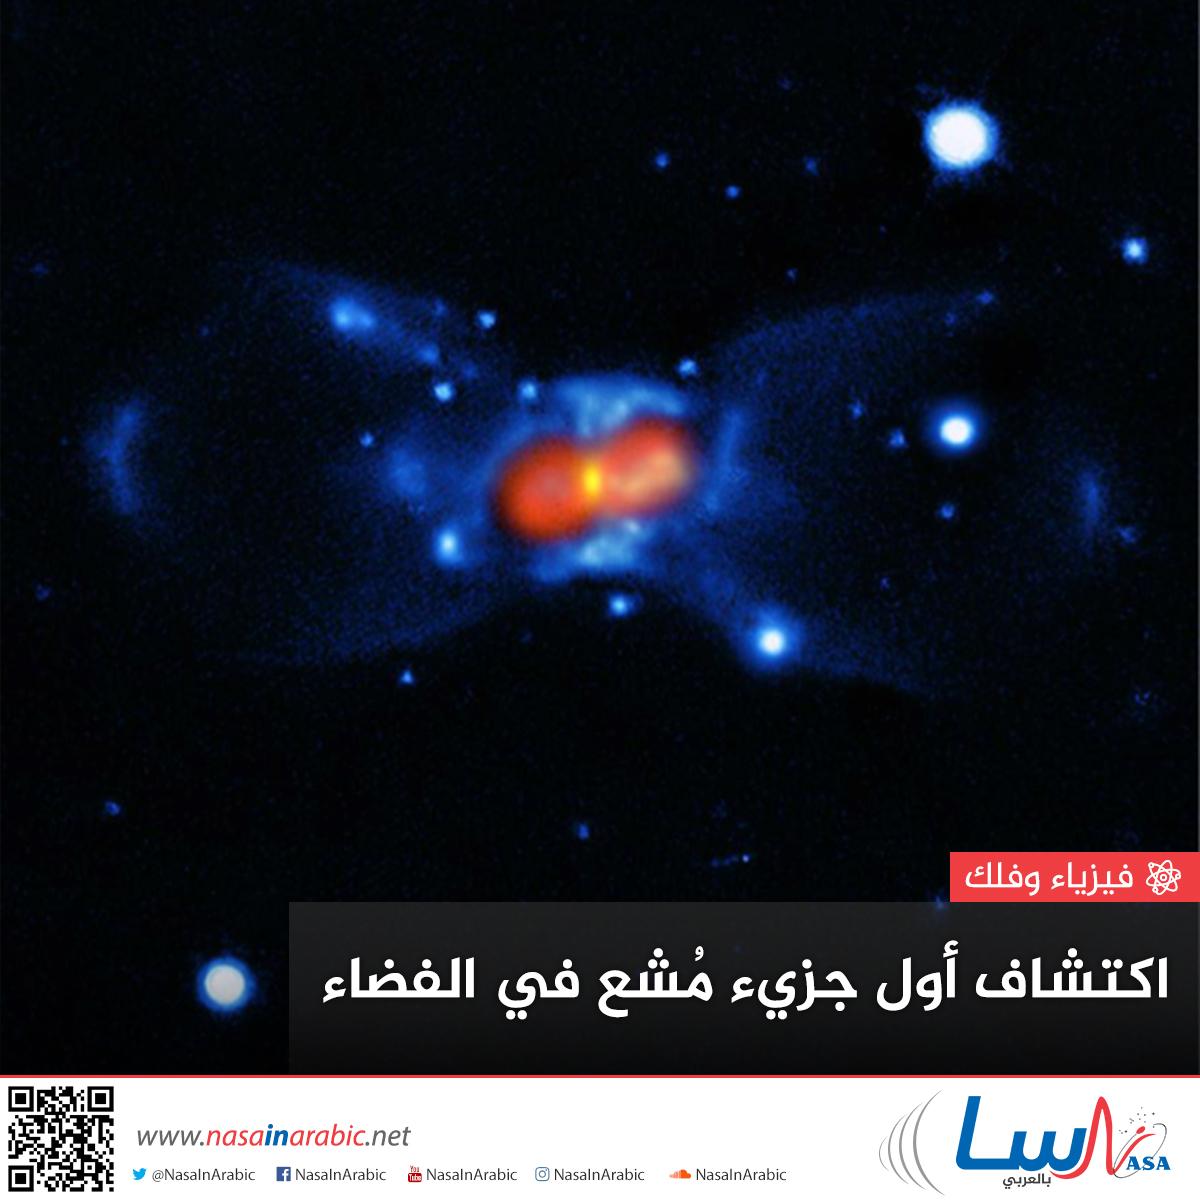 اكتشاف أول جزيء مشع في الفضاء